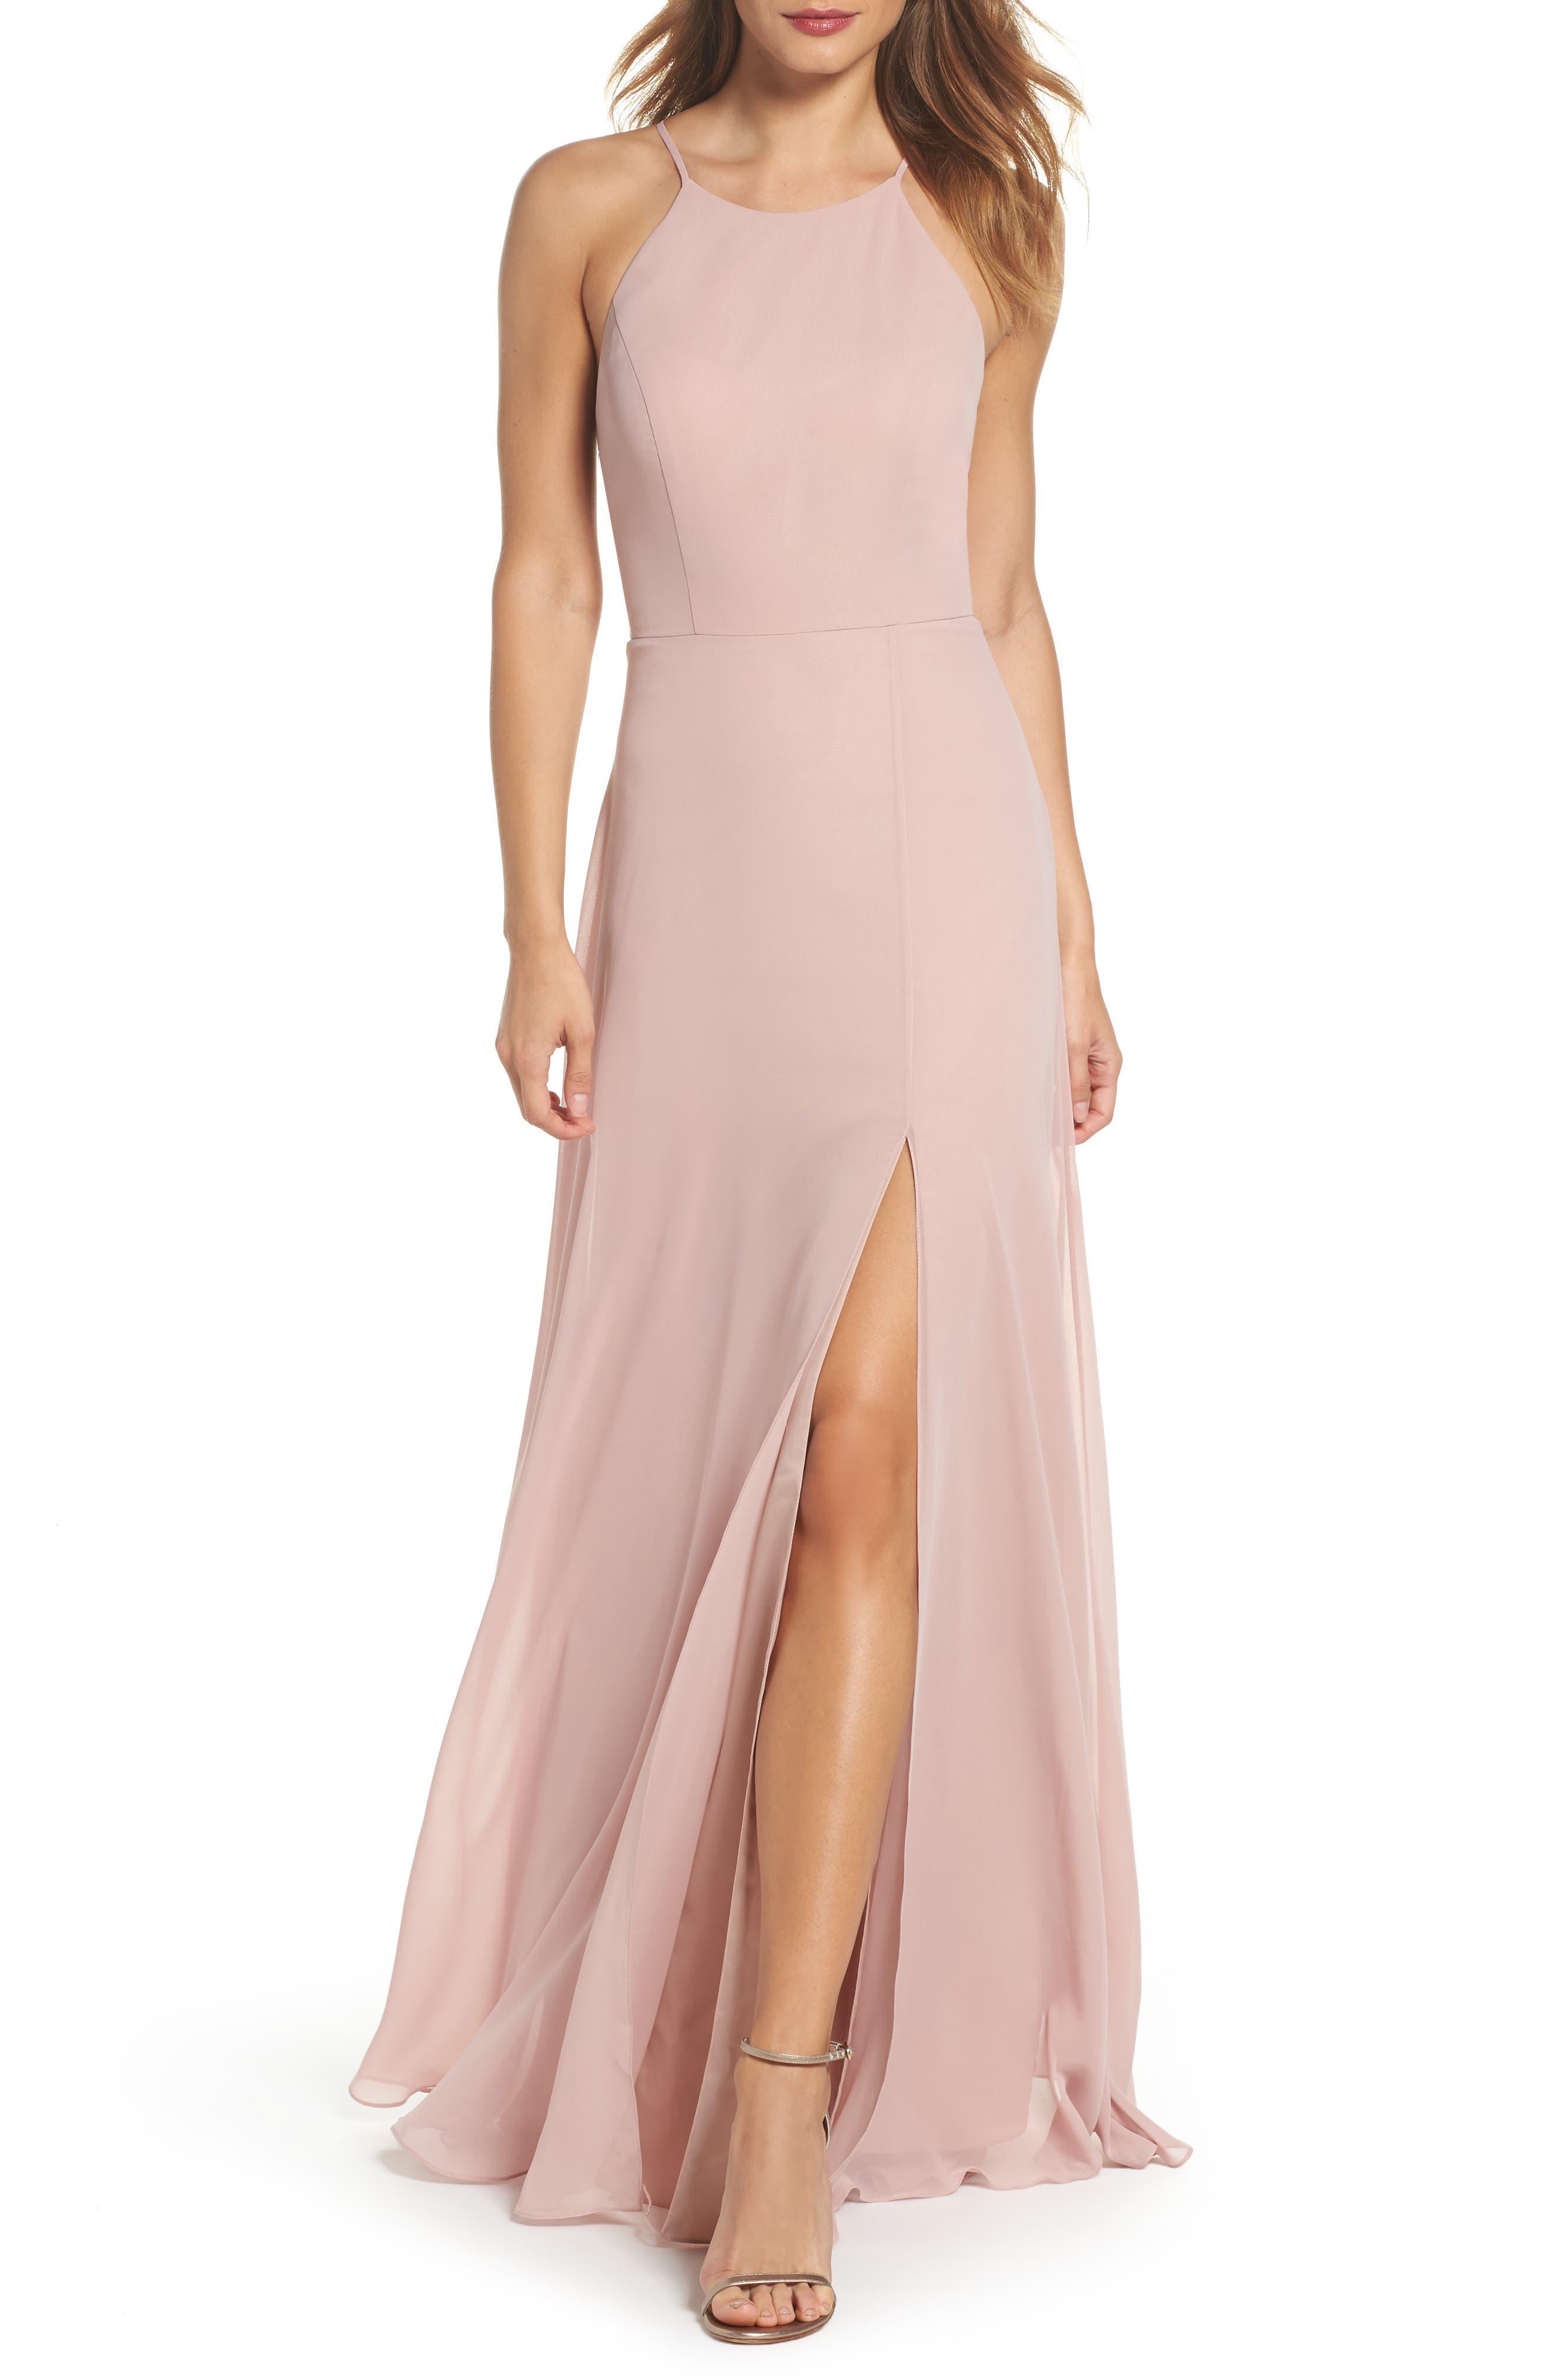 Jenny Yoo Dresses